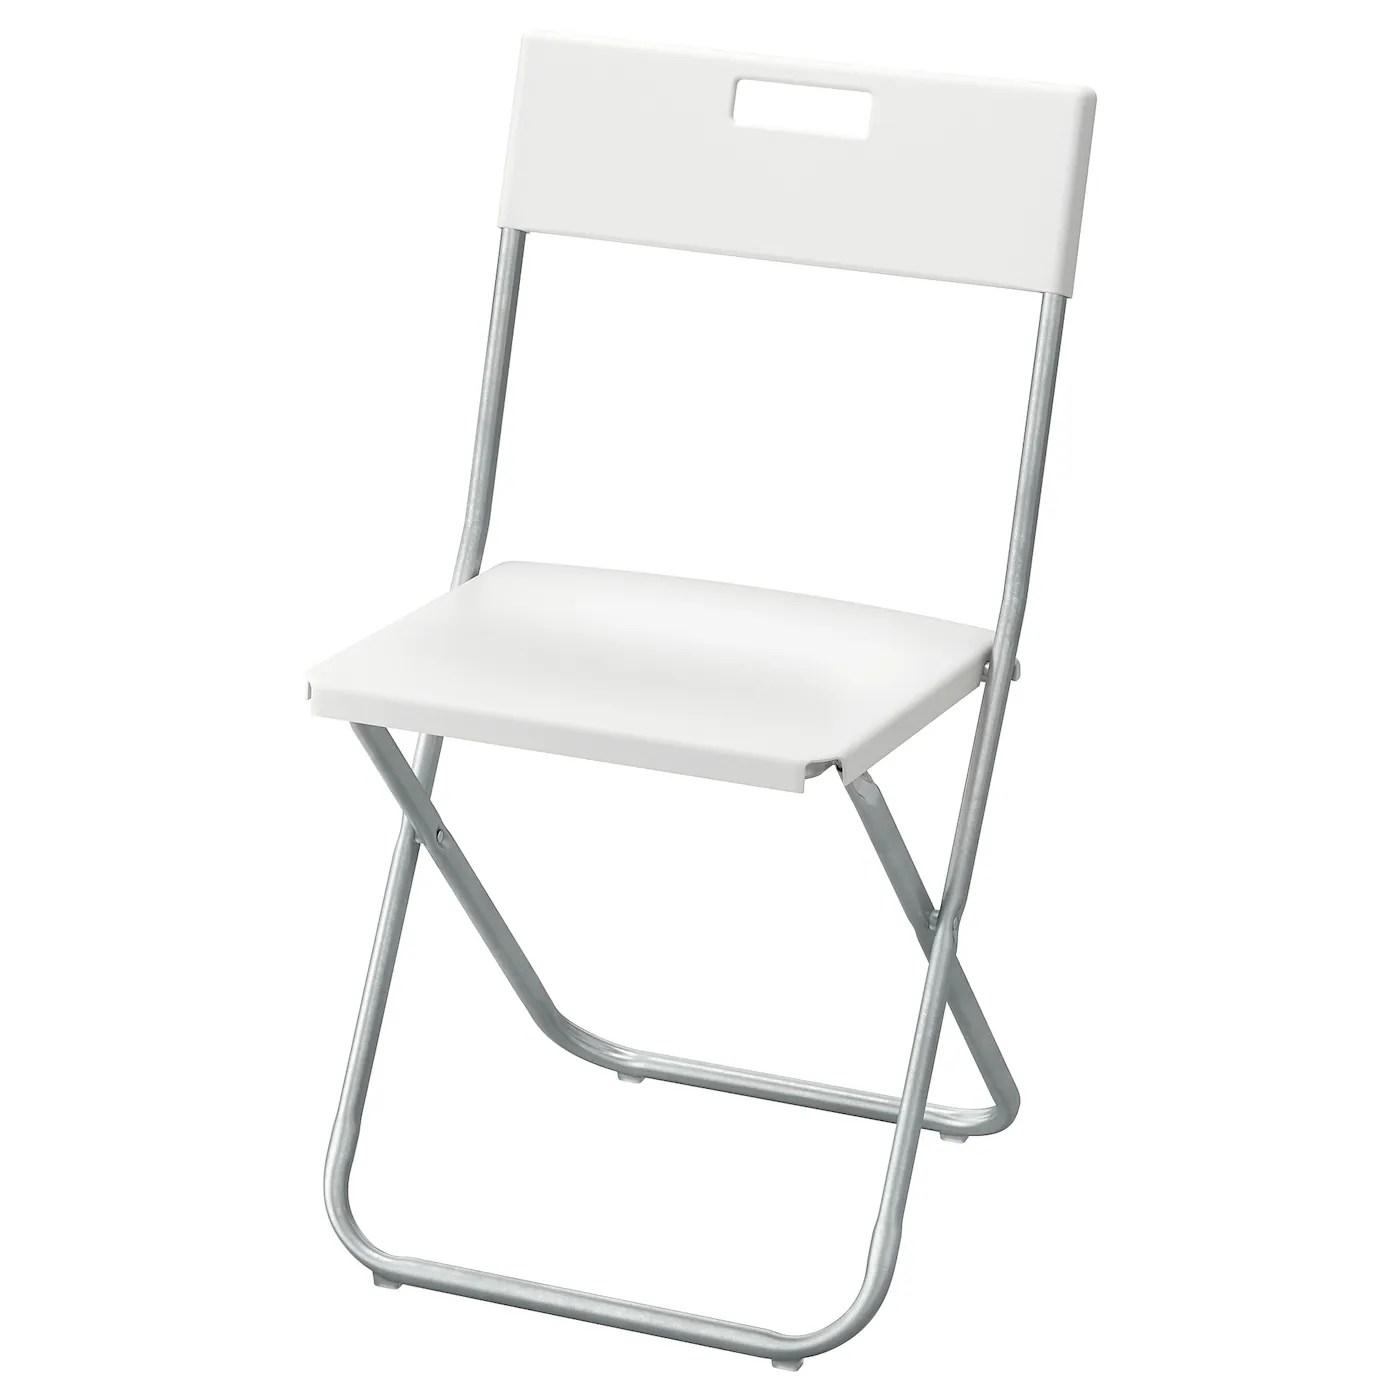 gunde chaise pliante blanc